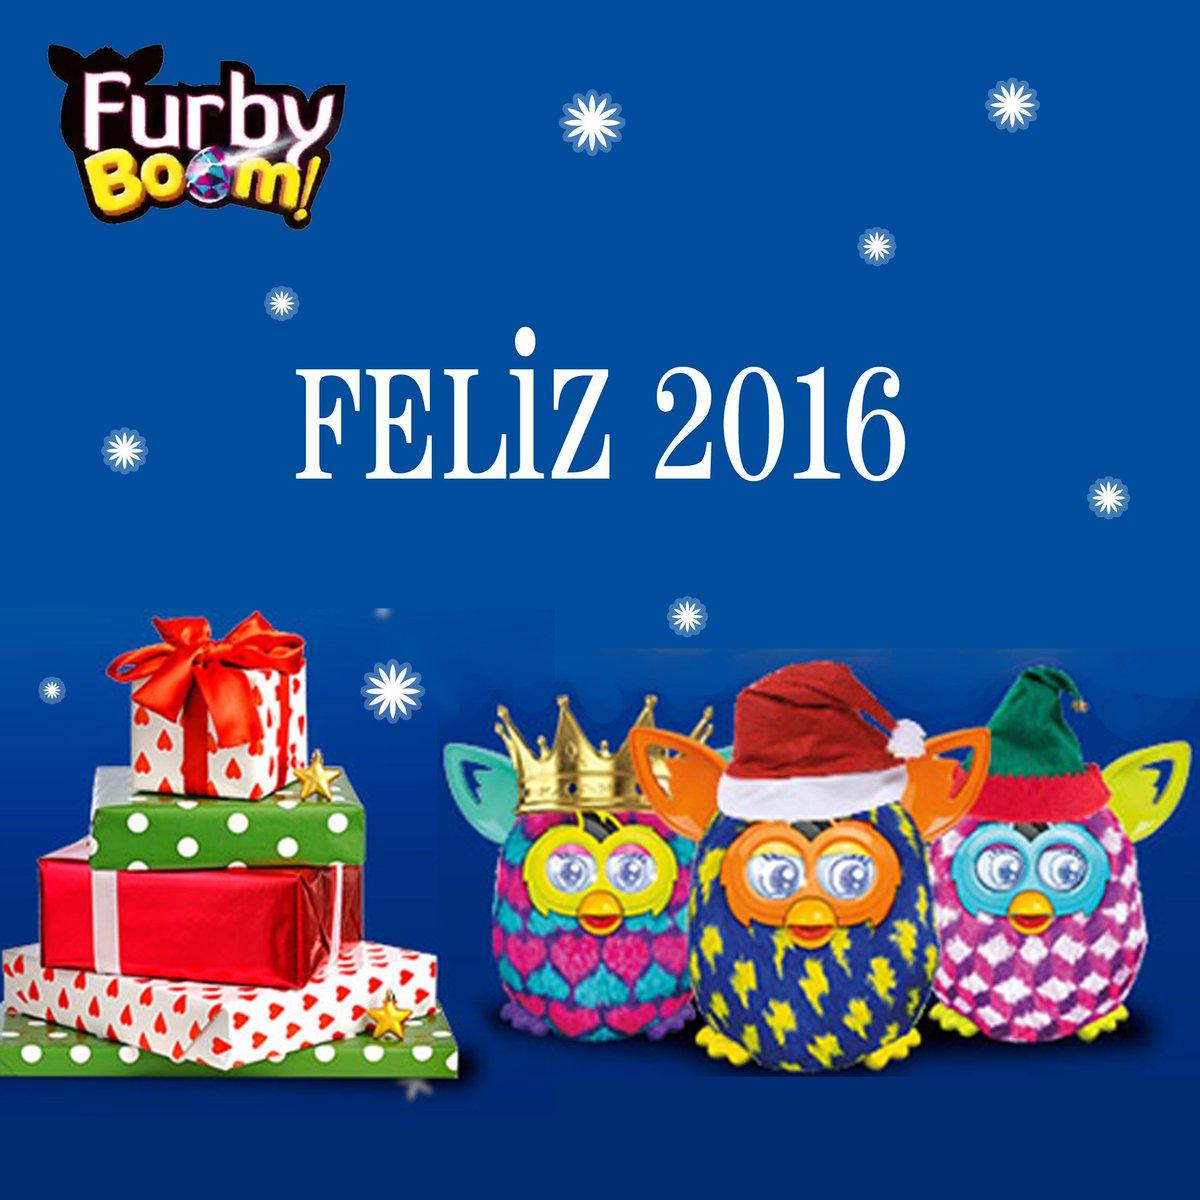 Toda la familia #FurbyBoom os desea un muy FELIZ 2016. ¡Y que no falte la #FurbyDiversión! https://t.co/l5gjzvS45A